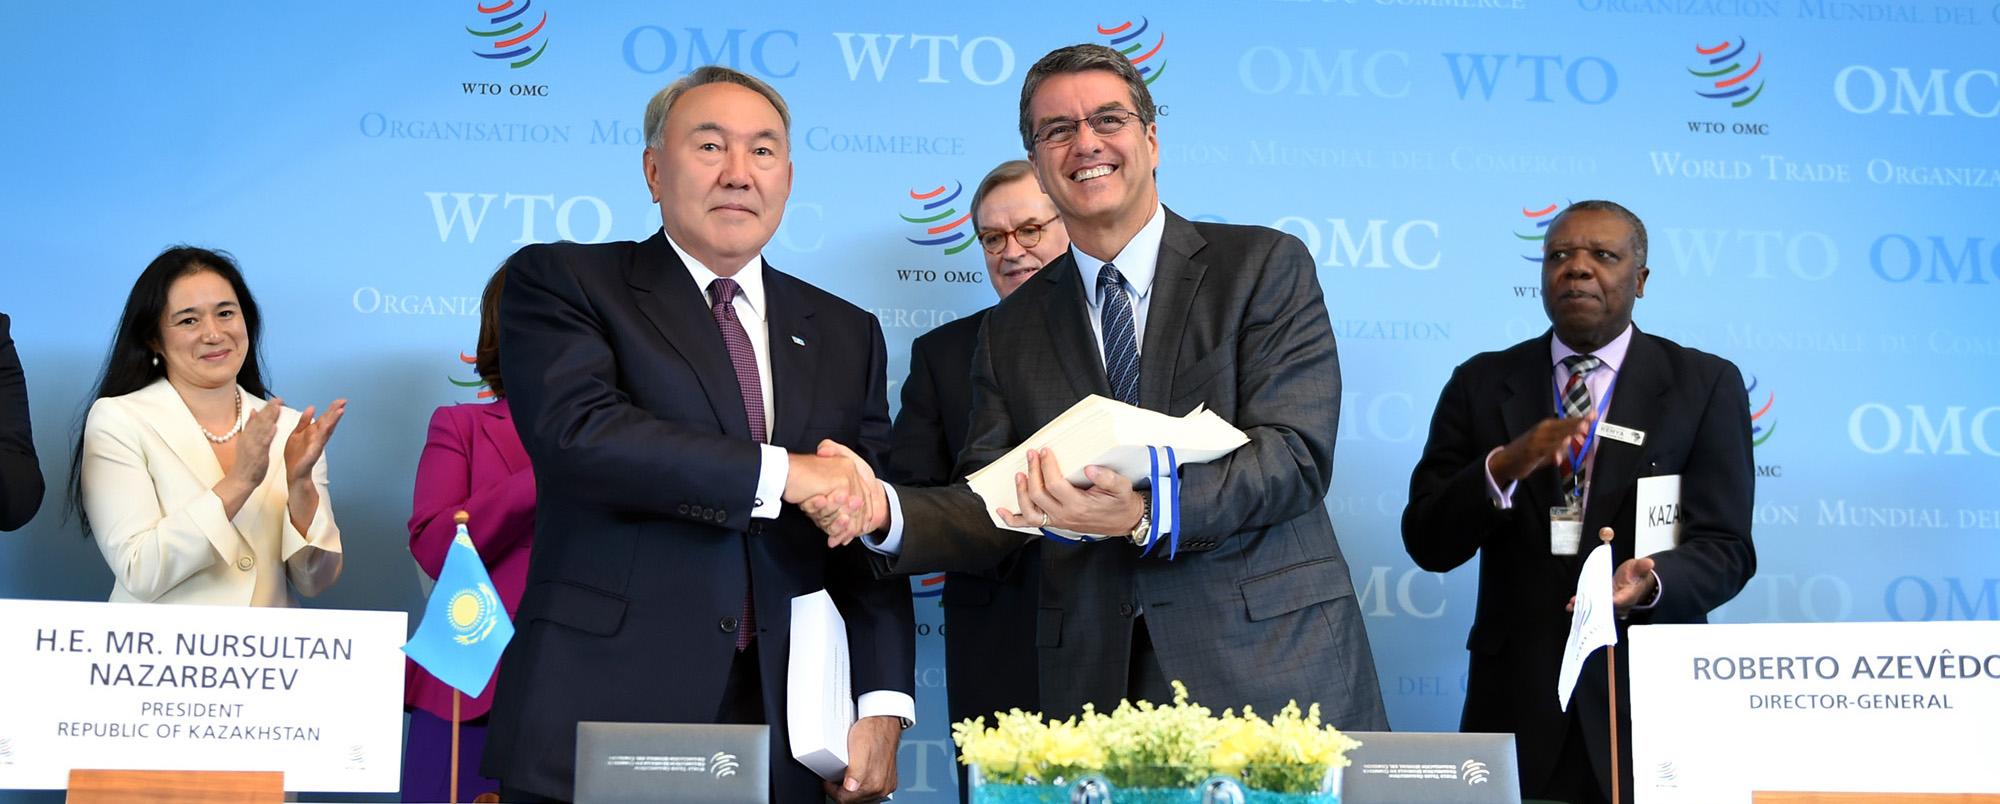 nazarbayev azevedo protokol